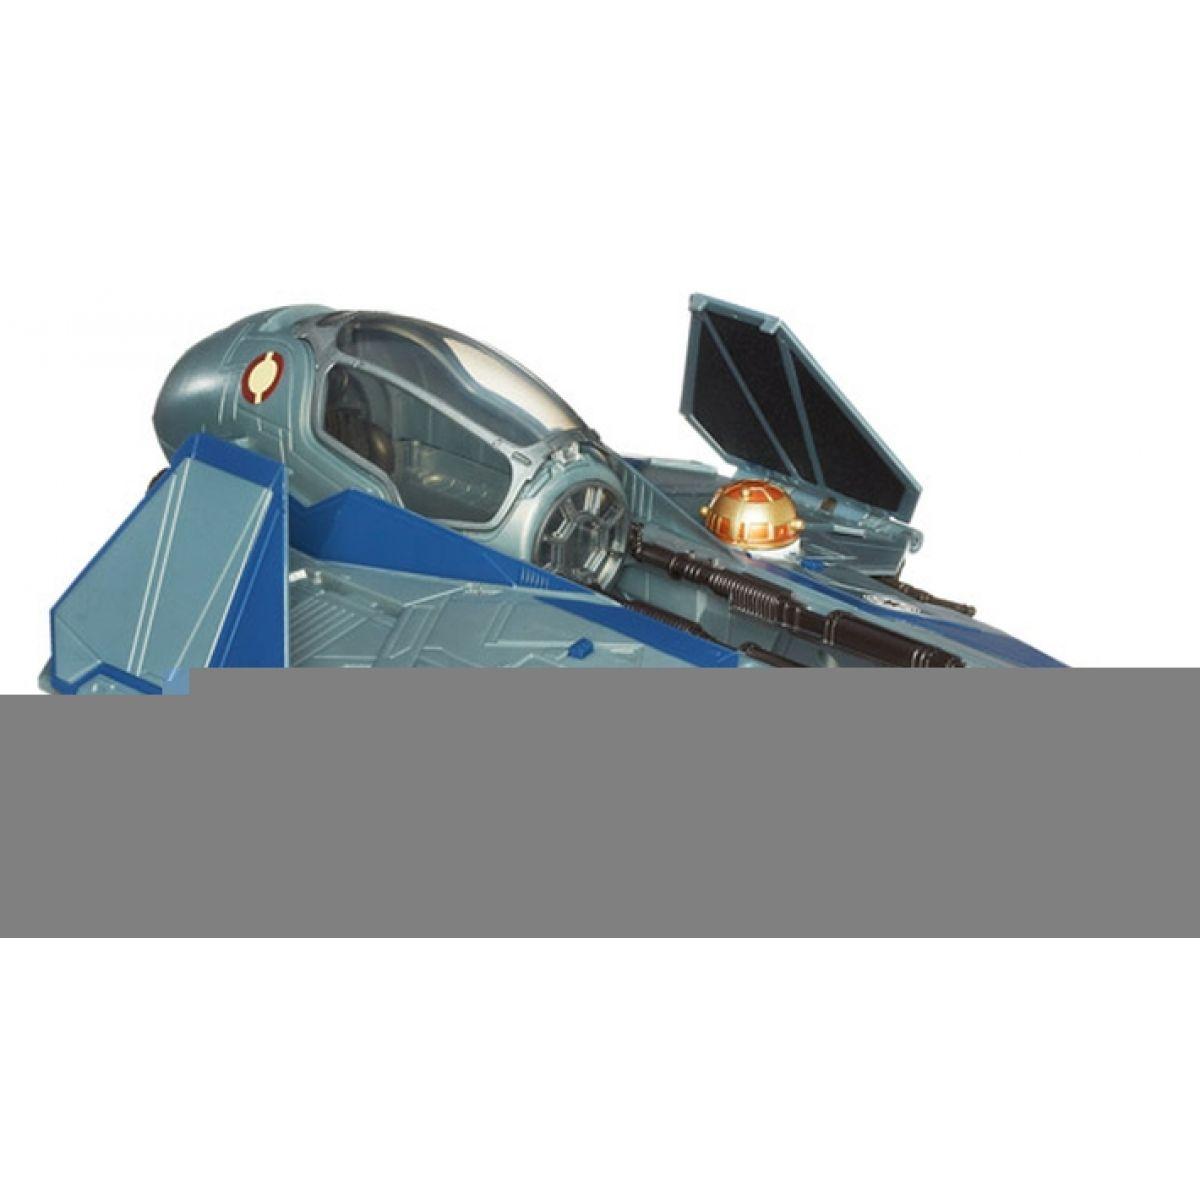 Hasbro Star Wars Vesmírná vozidla II - Obi-wan's Jedi Starfighter